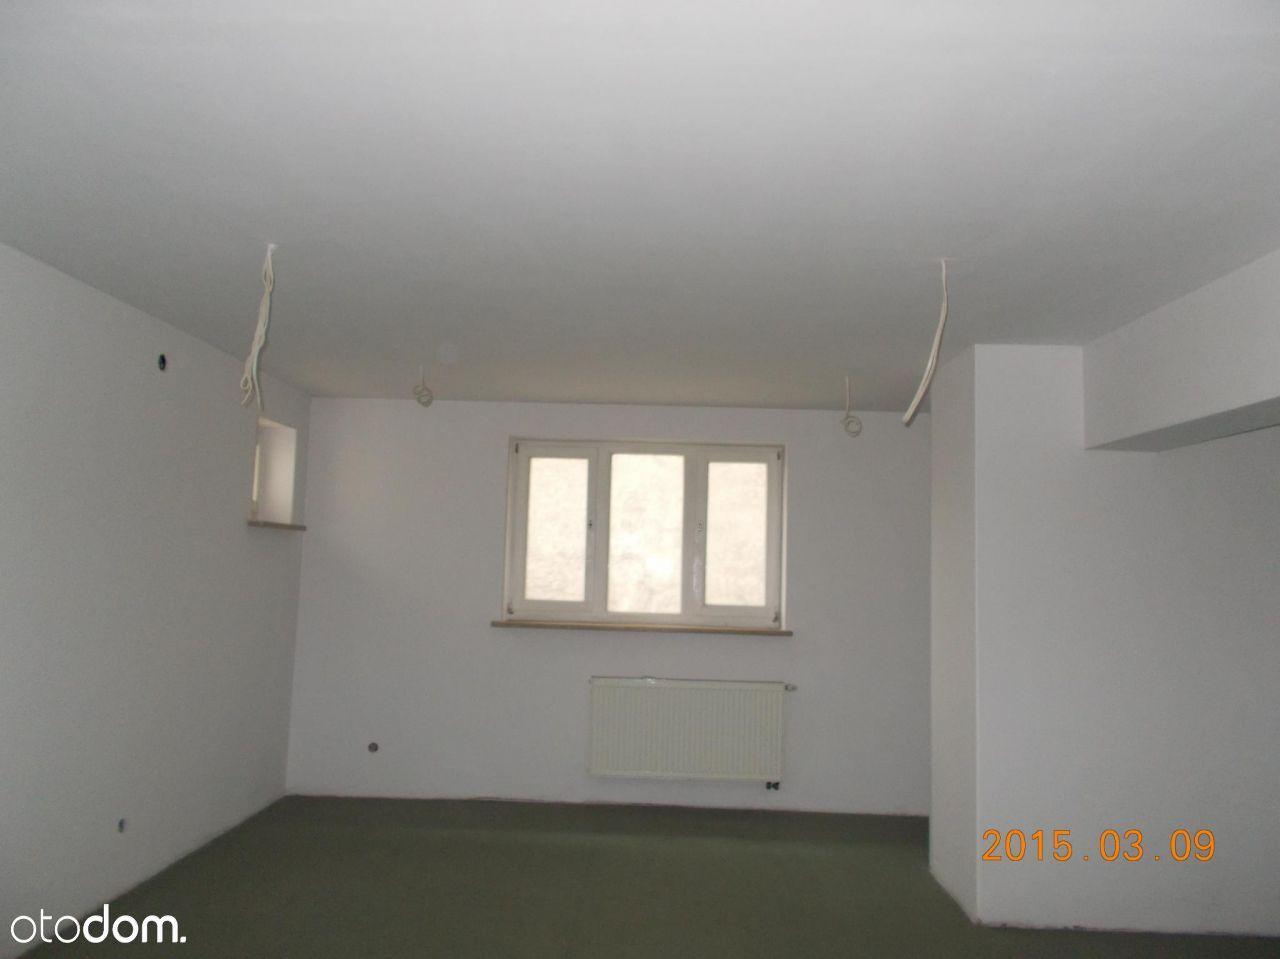 Lokal użytkowy na sprzedaż, Braniewo, braniewski, warmińsko-mazurskie - Foto 5